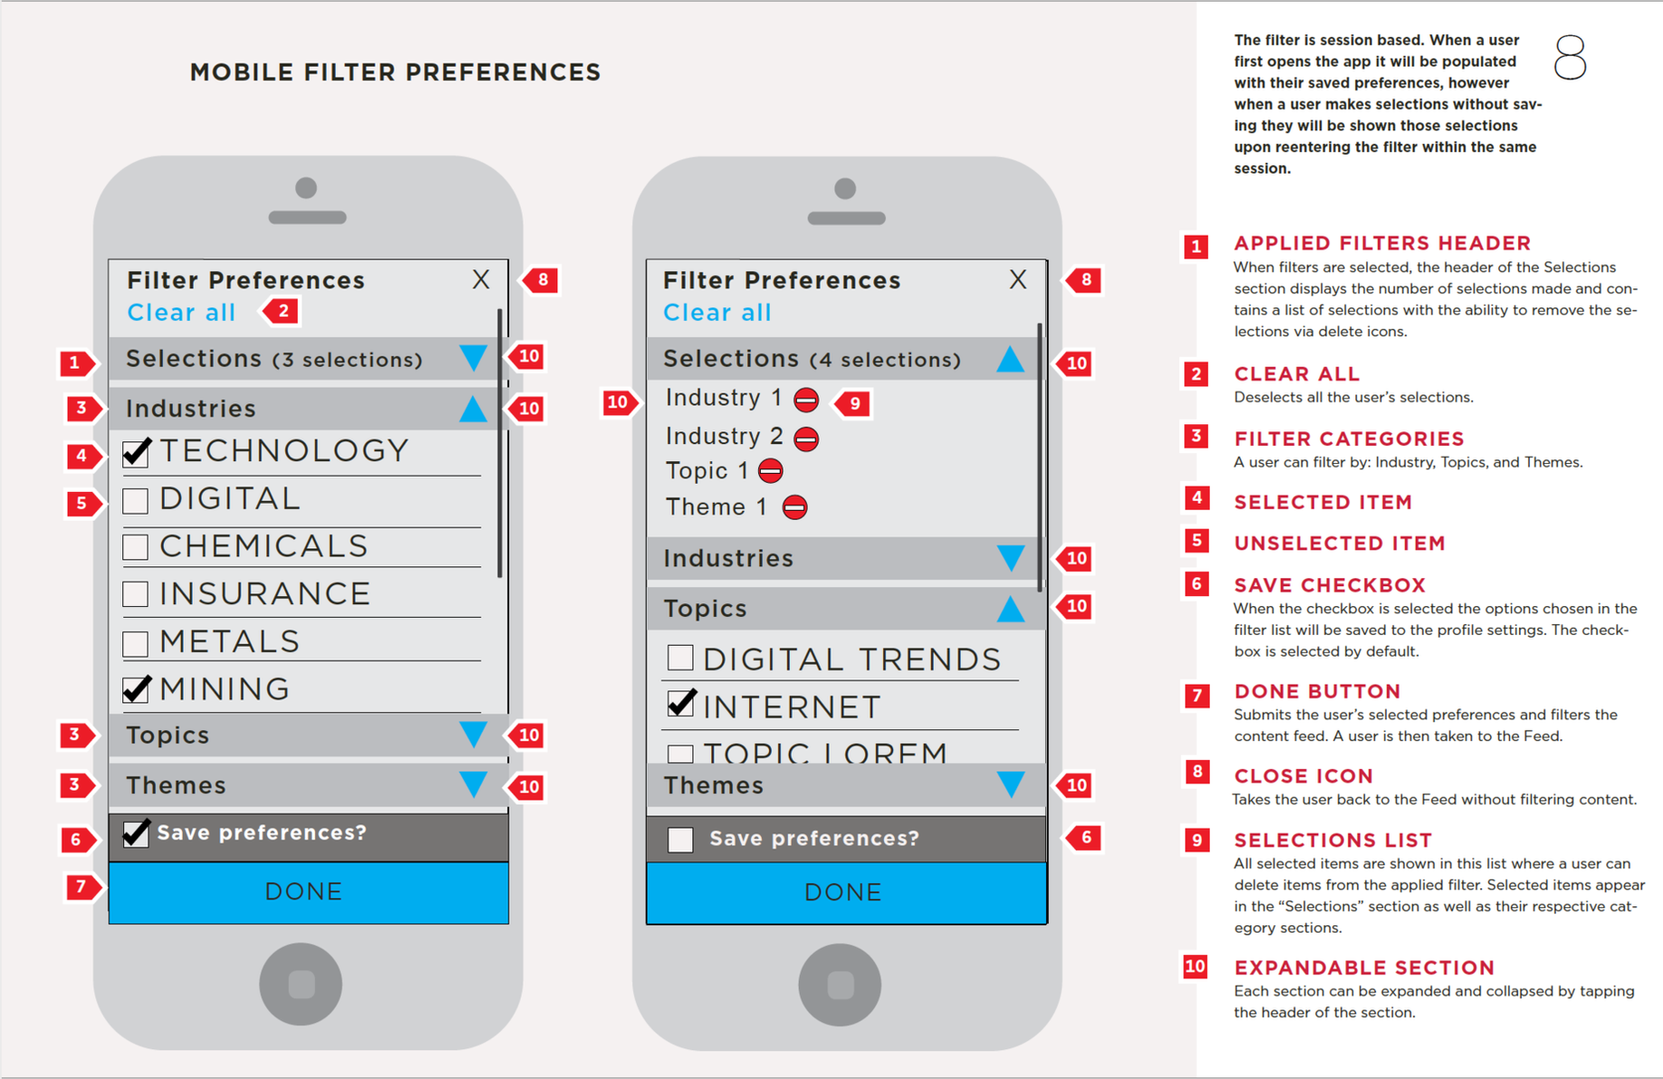 Filter Preferences